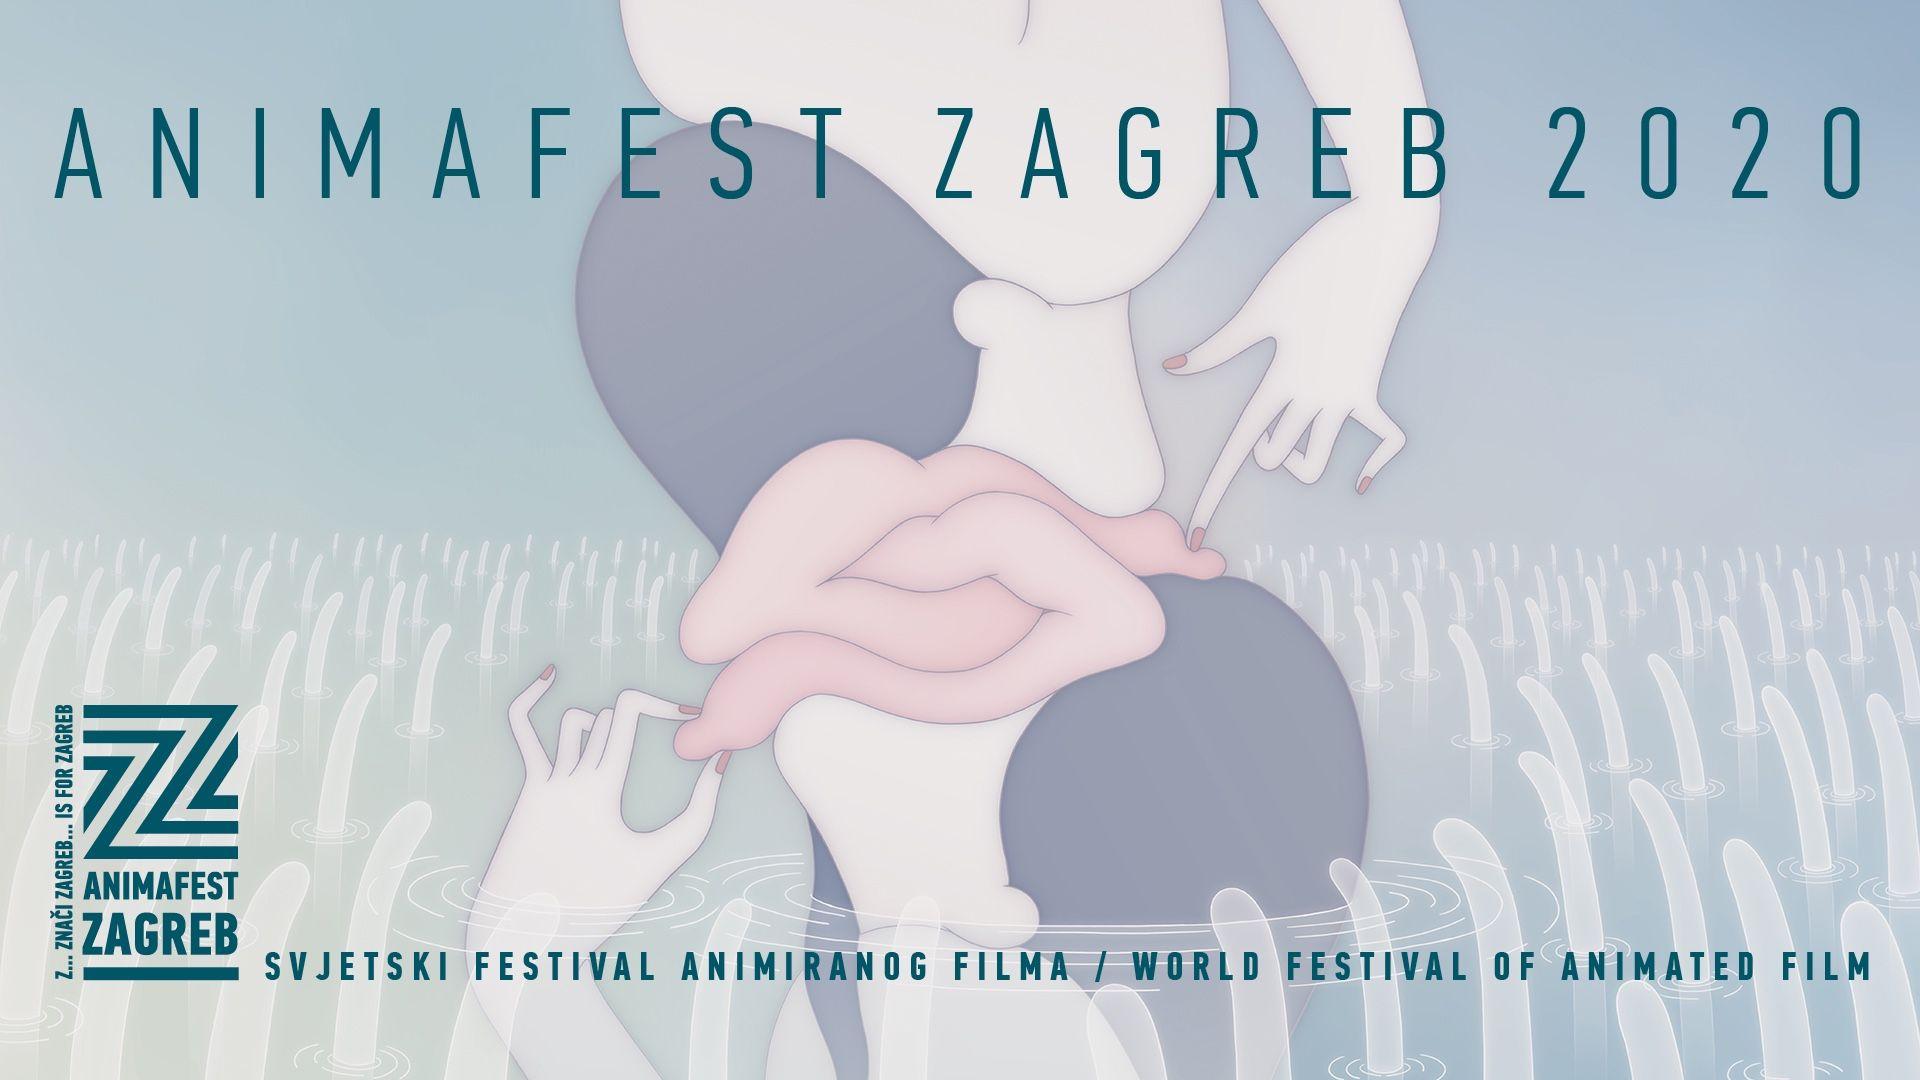 Počinje Animafest Zagreb 2020: Najznačajniji hrvatski filmski festival i jedan od četiri vodeća festivala animacije u svijetu